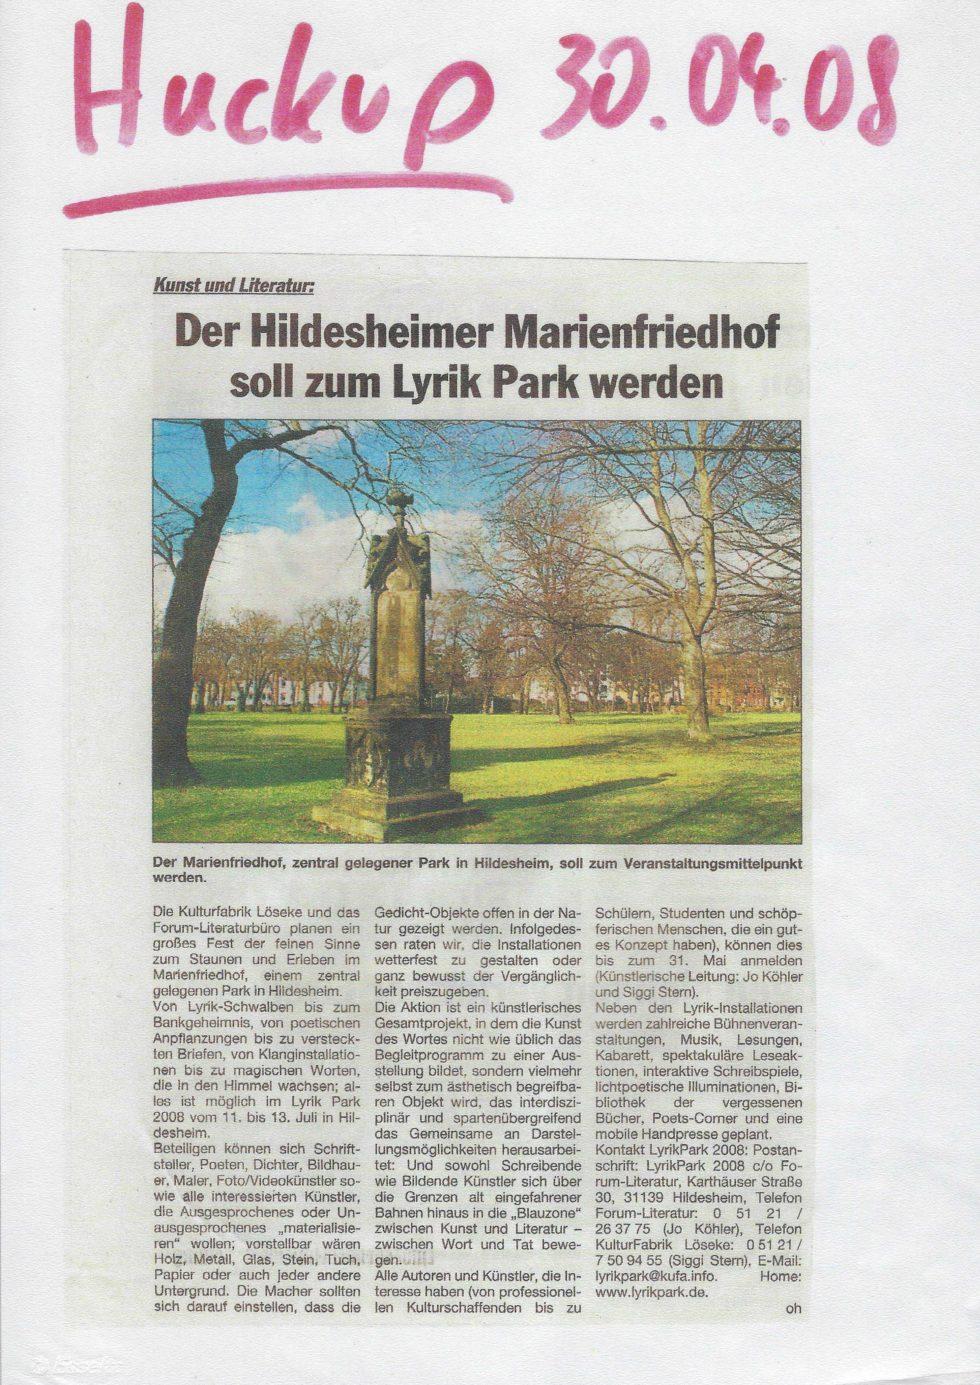 2008 LyrikPark Marienfriedhof, DLF und vieles mehr_Seite_11